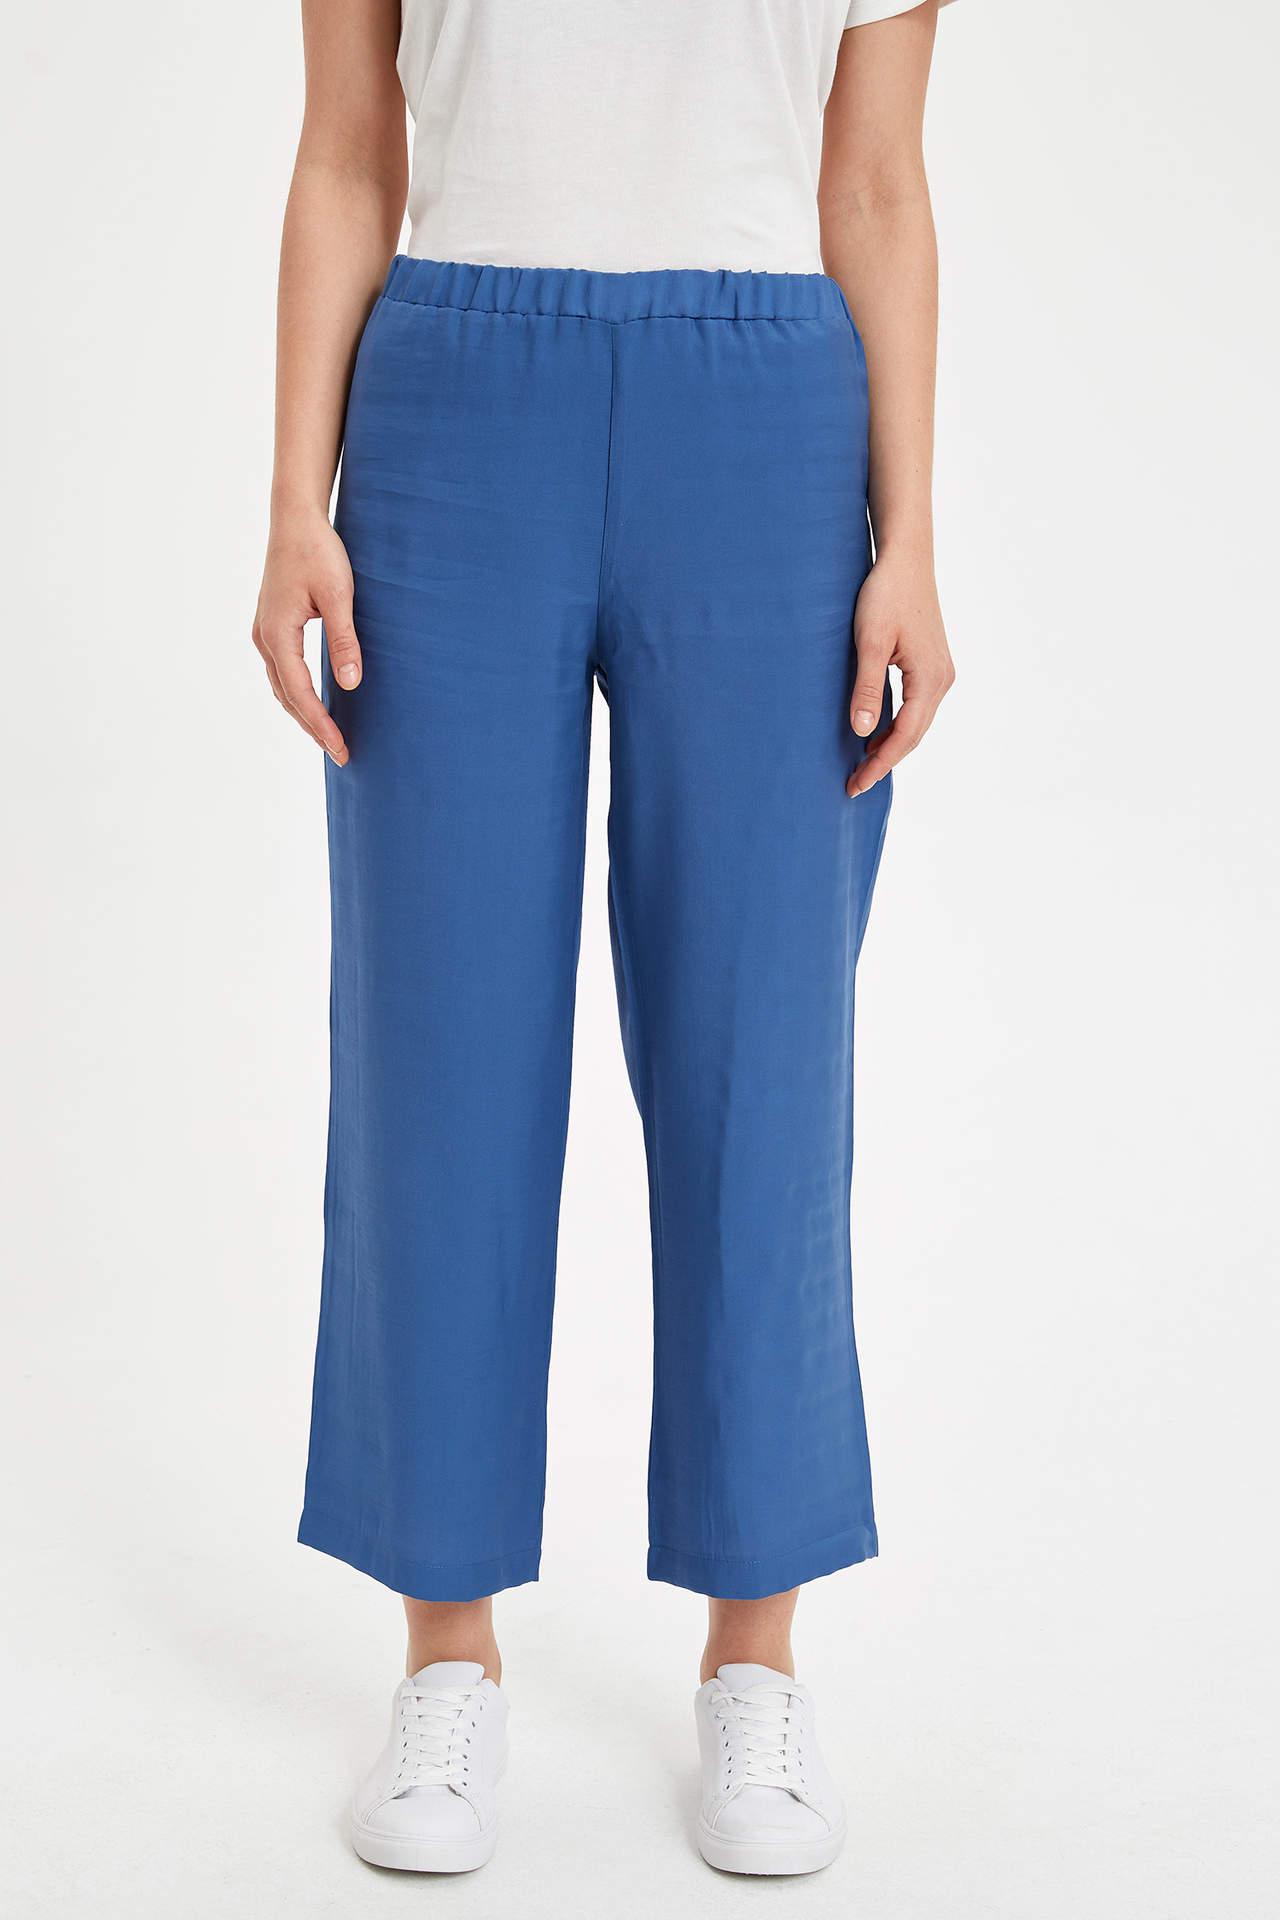 Defacto Kadın Rahat Kesim Dokuma Pantolon